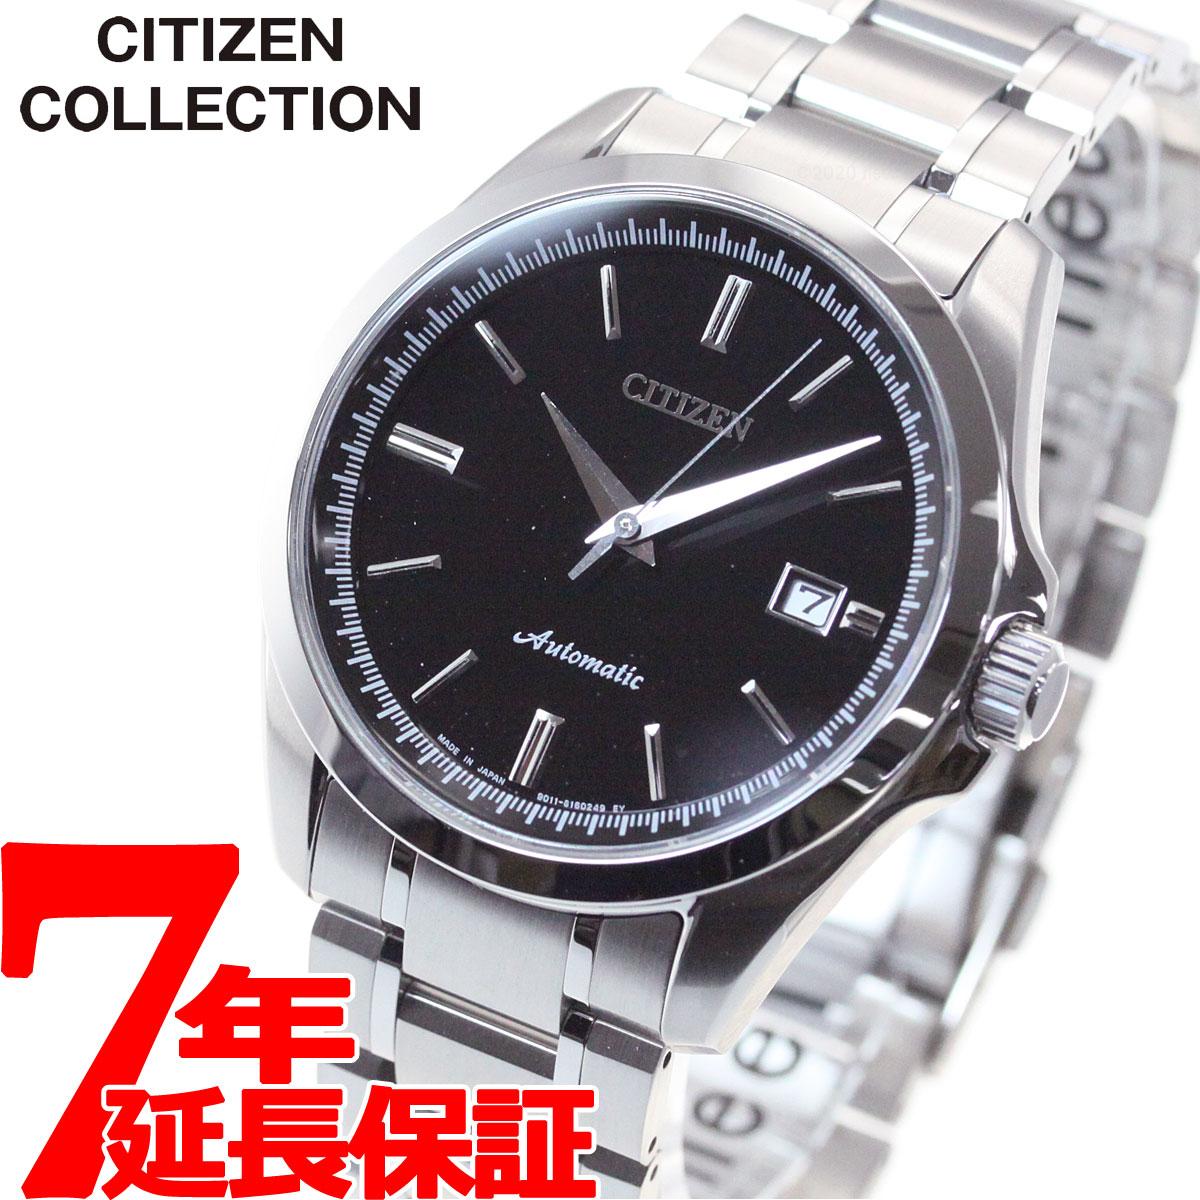 シチズンコレクション CITIZEN COLLECTION メカニカル 自動巻き 機械式 腕時計 メンズ NB1041-84E【2018 新作】